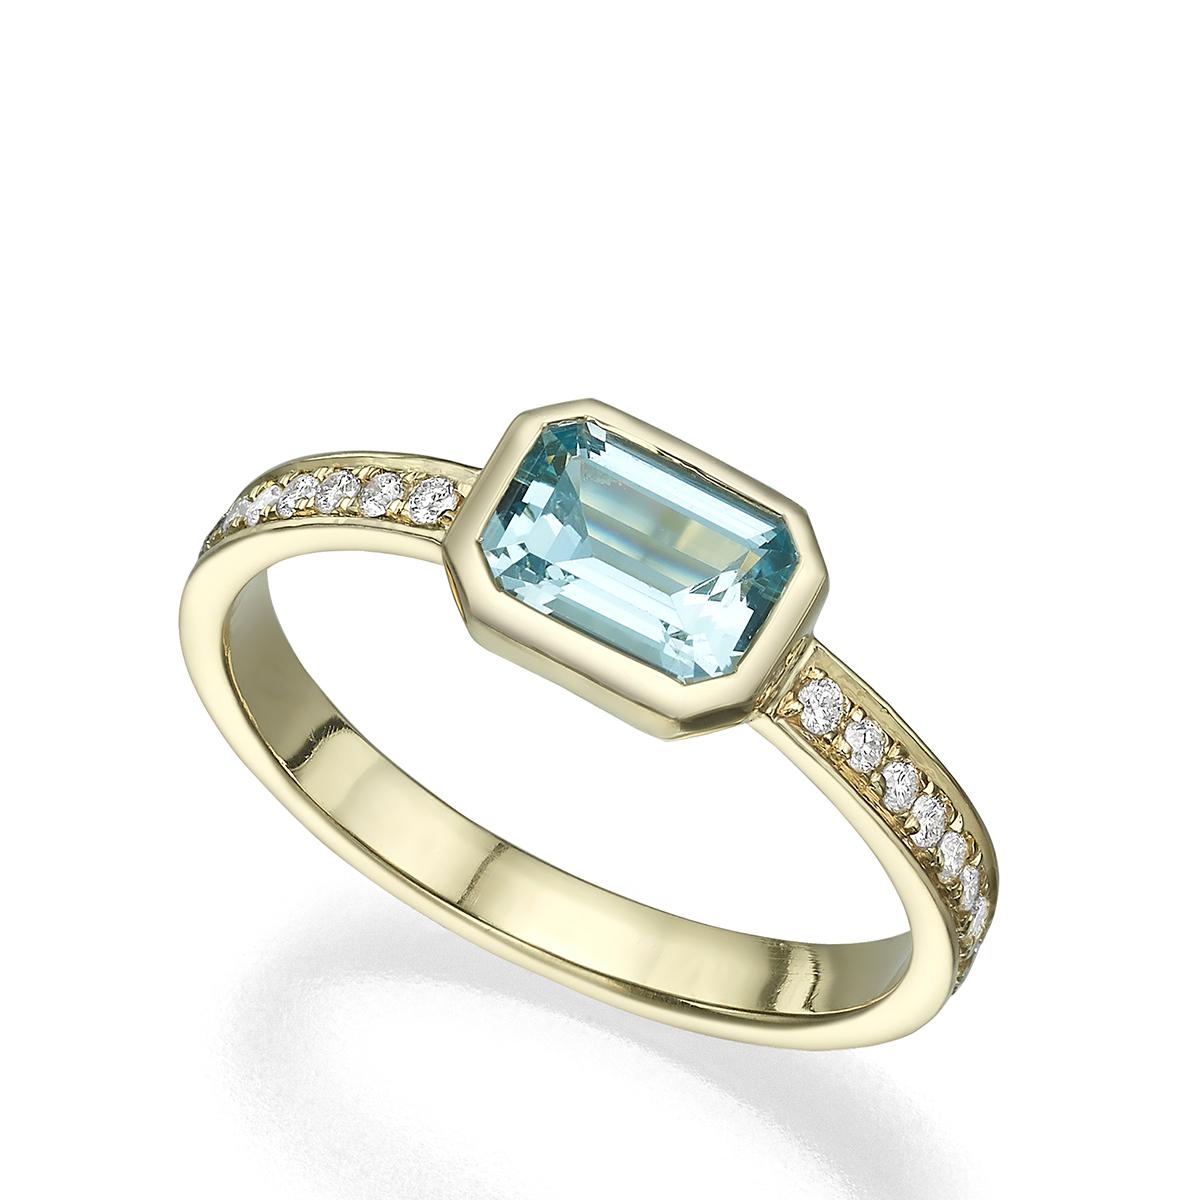 טבעת זהב משובצת אקאווה מרין מלבנית במסגרת זהב ויהלומים בצדדים